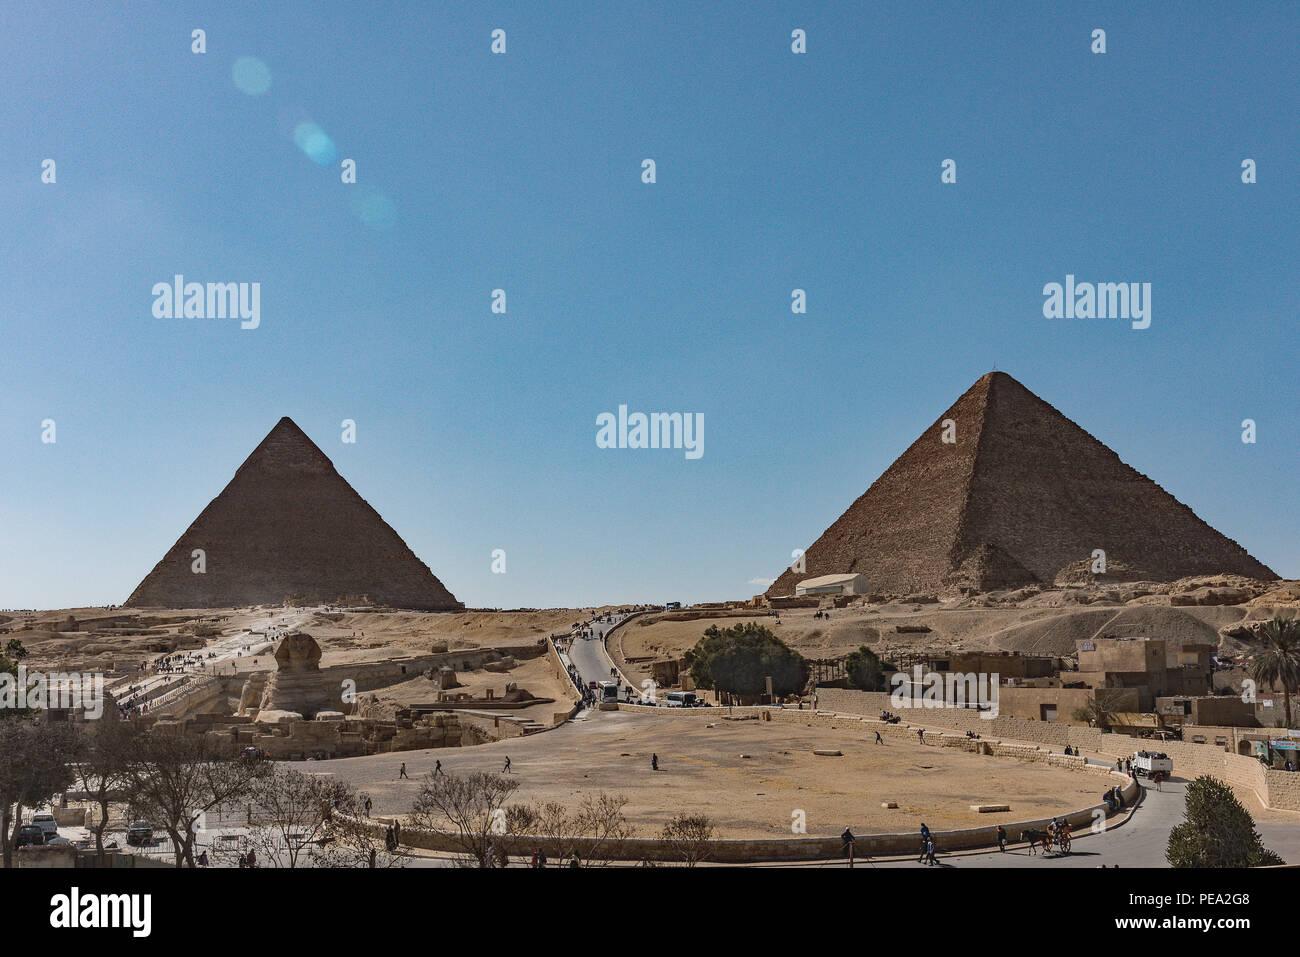 Piramidi e Sfinge sull'Altopiano di Giza, Cairo, Egitto. Immagini Stock